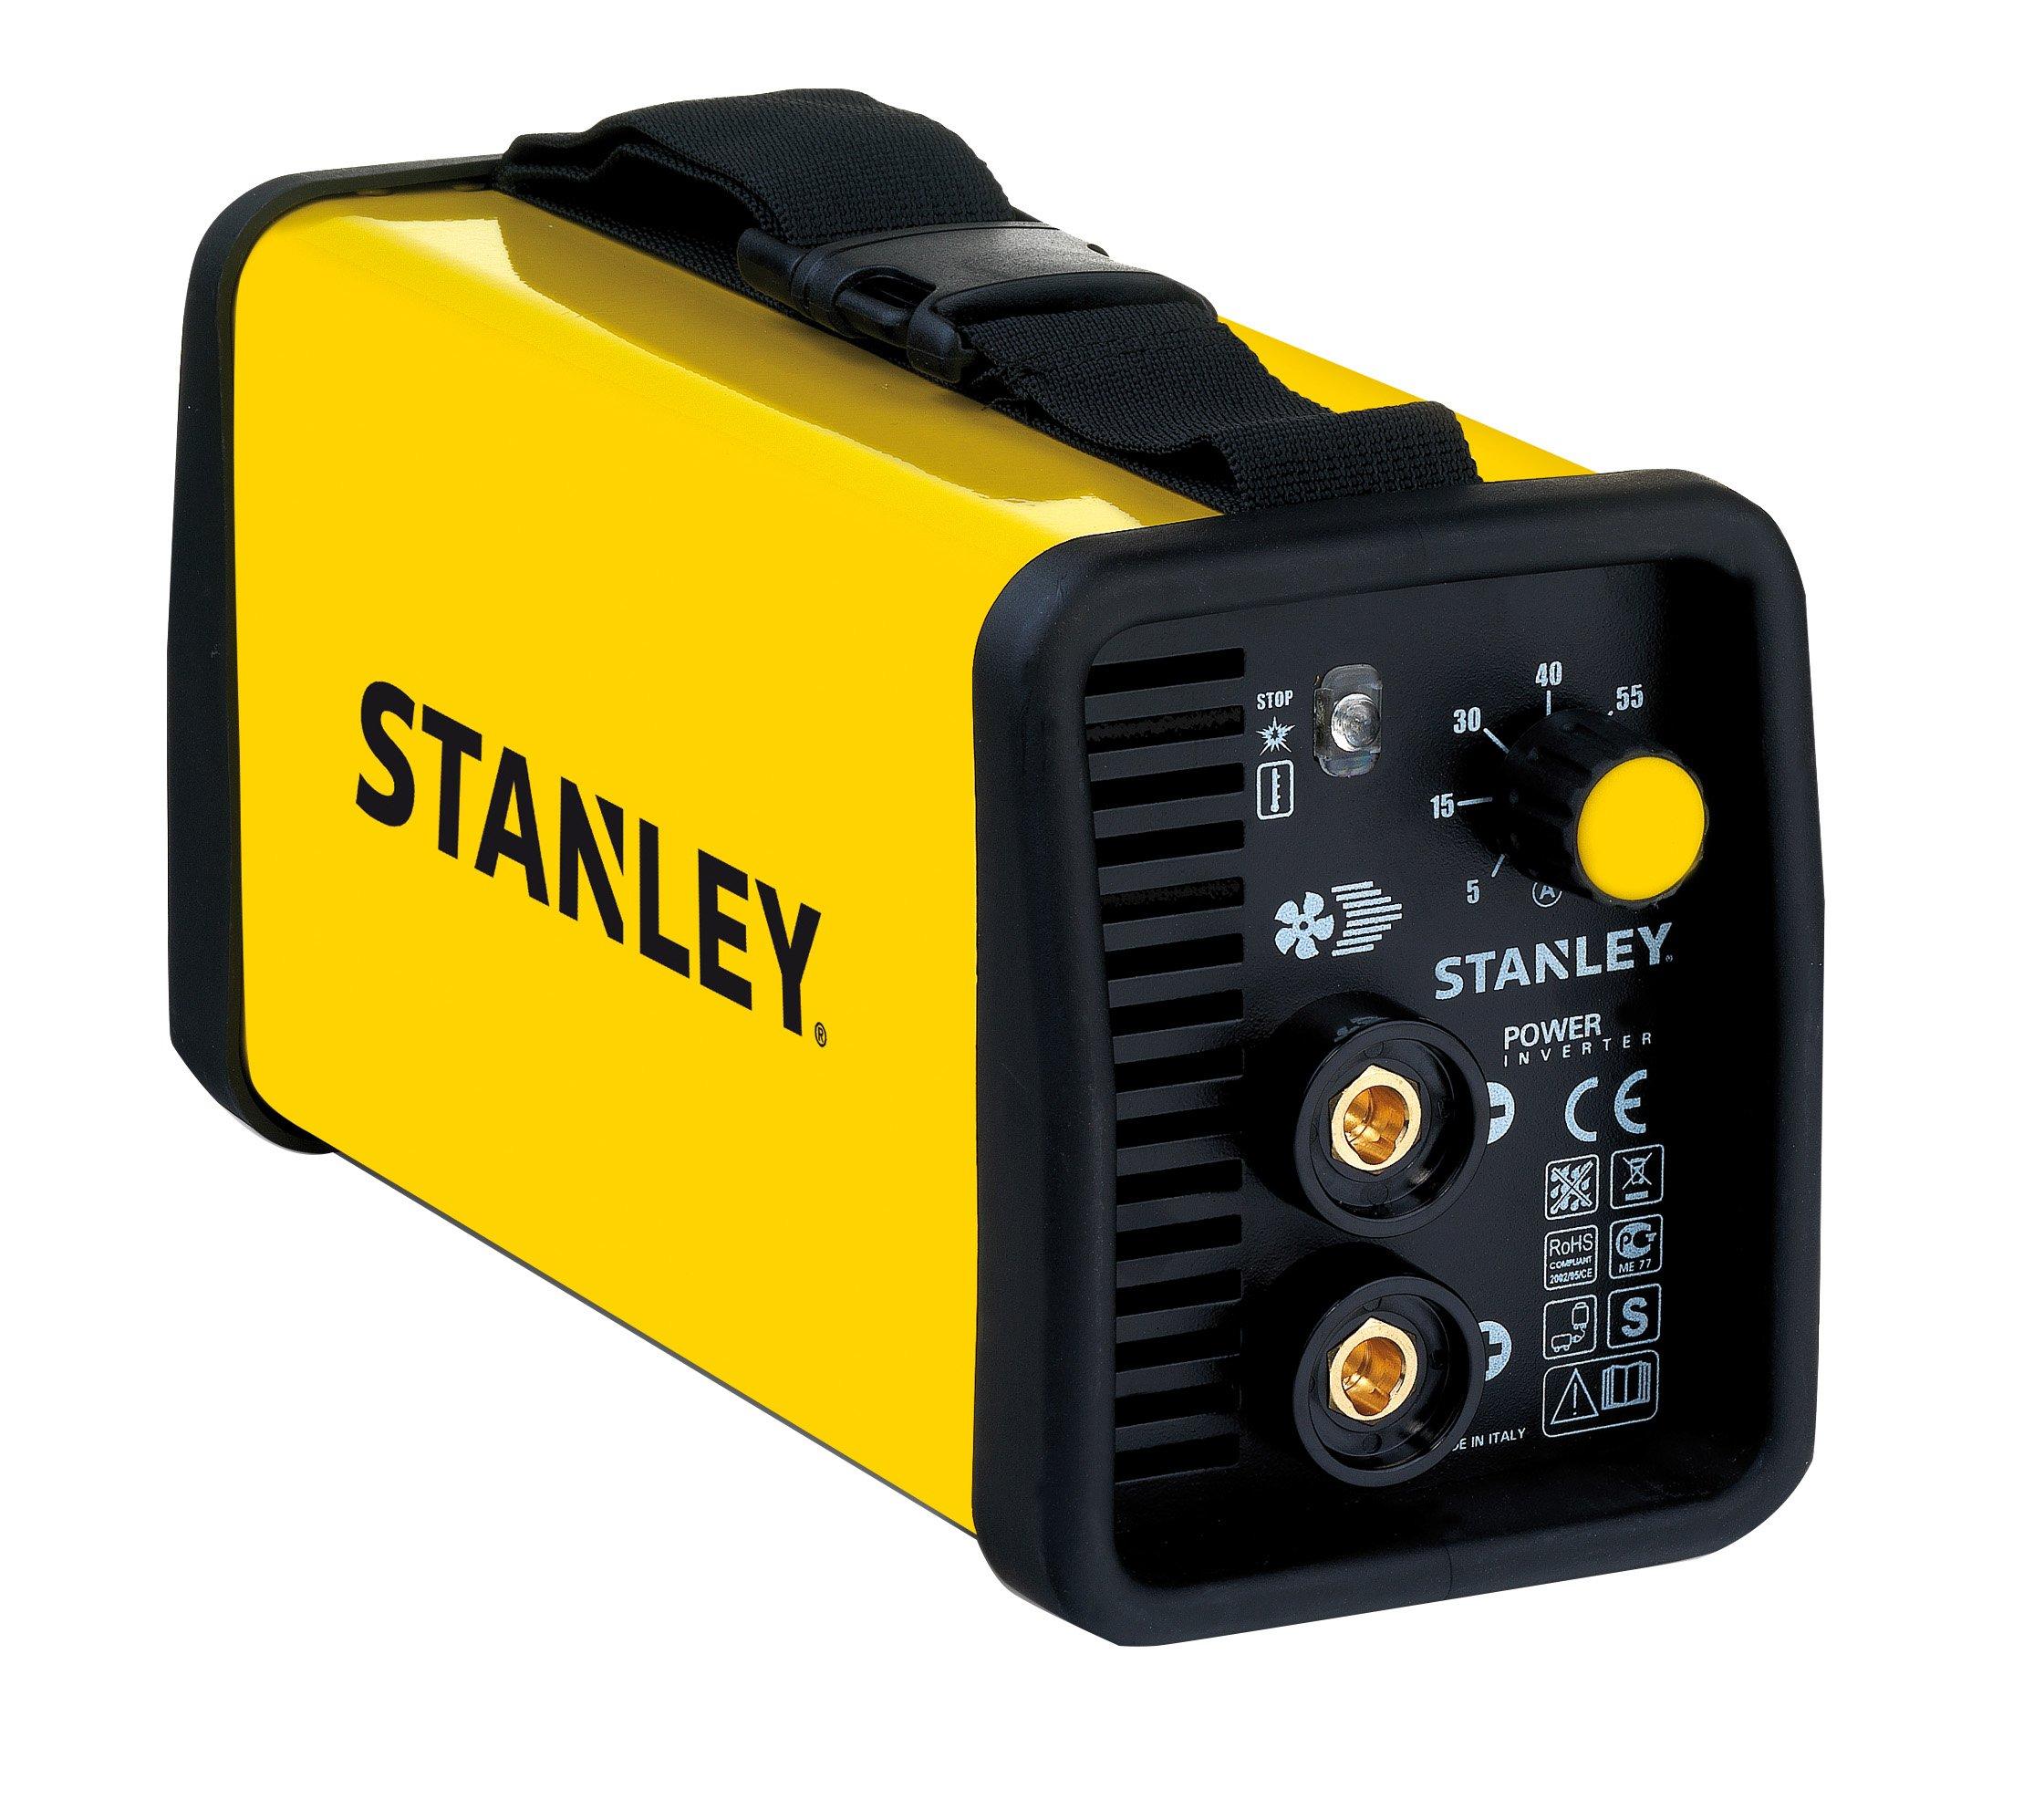 Stanley 460100 Inverter Equipo de Soldadura, 90A